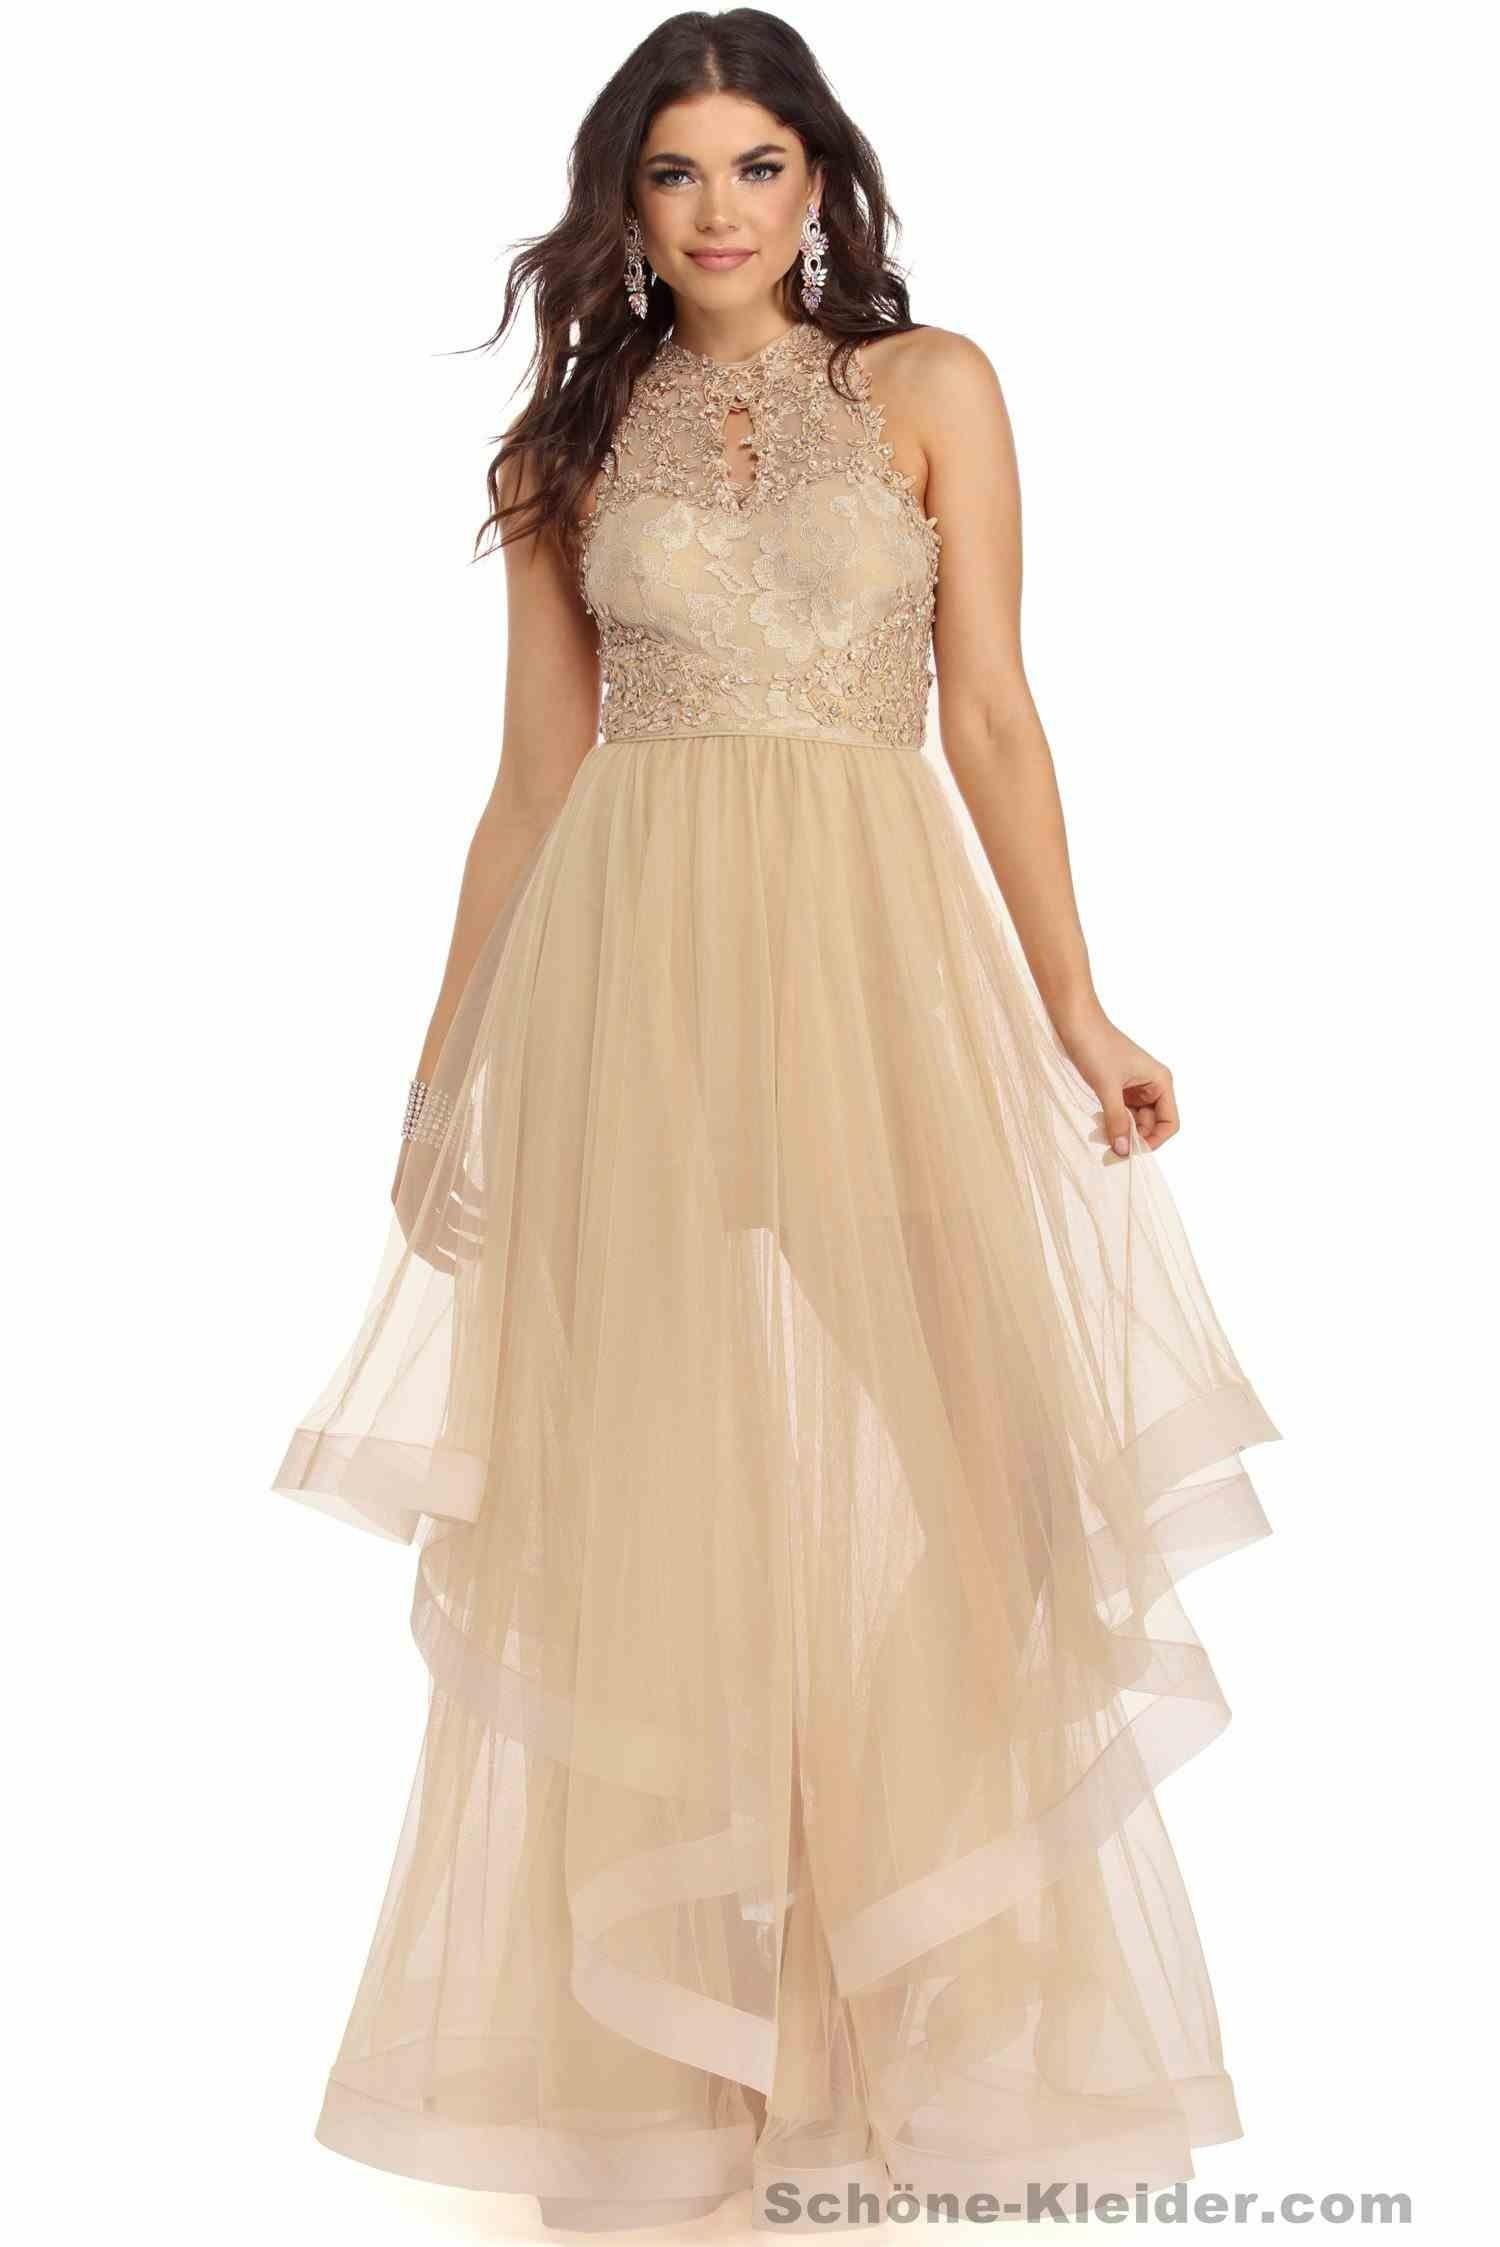 13 Luxus Abend Kleide Vertrieb20 Großartig Abend Kleide Boutique